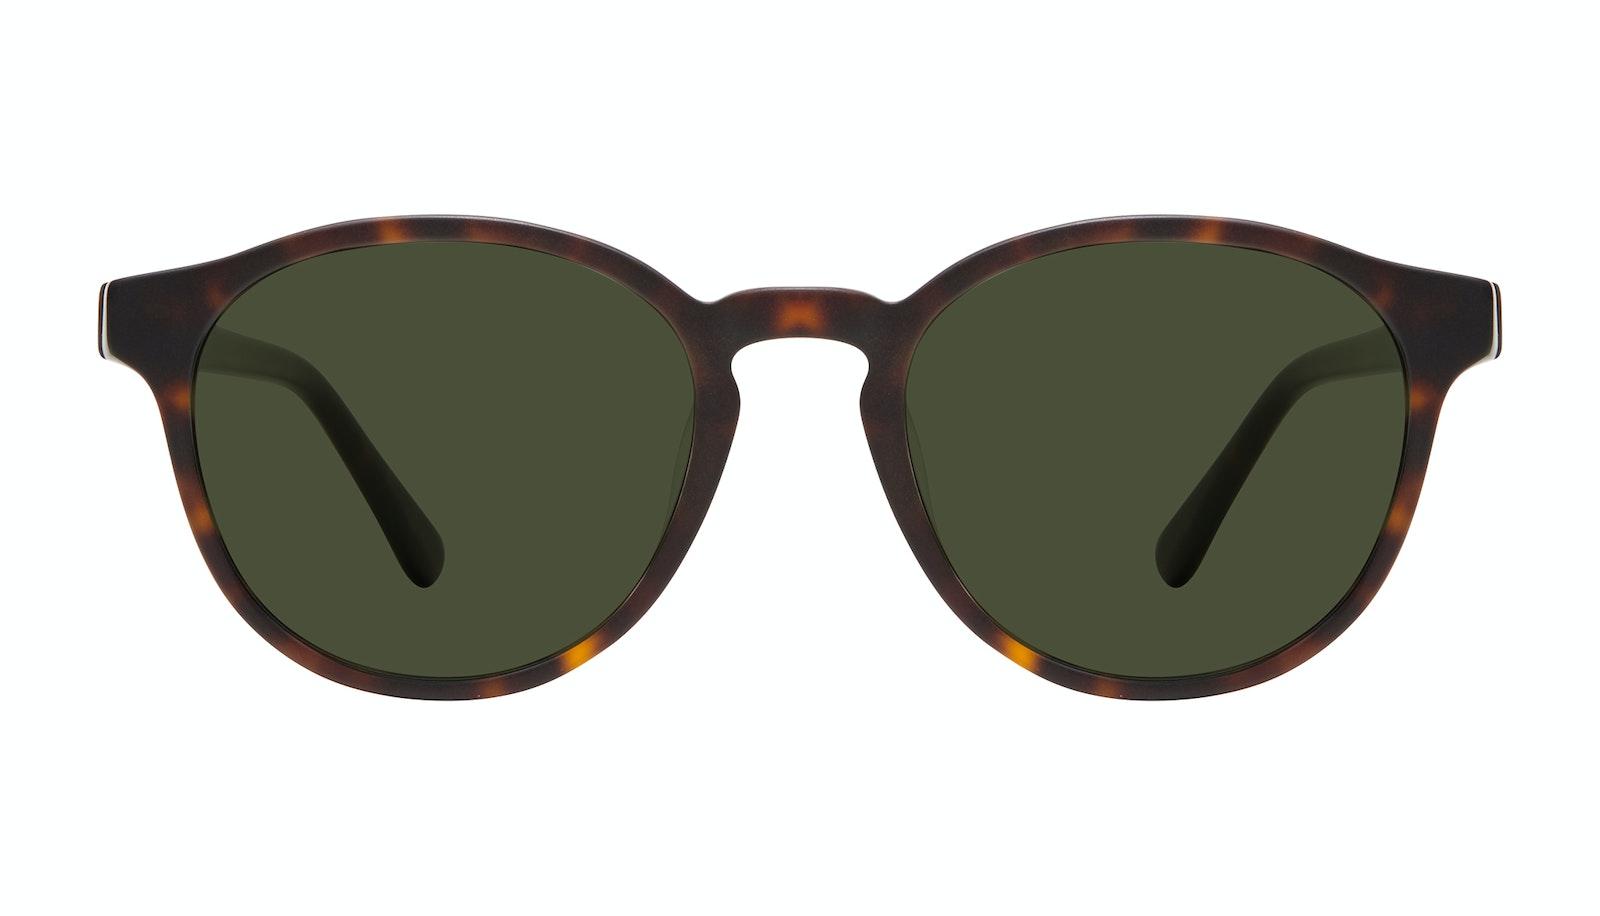 Affordable Fashion Glasses Round Sunglasses Men Aussie Matte Tortoise